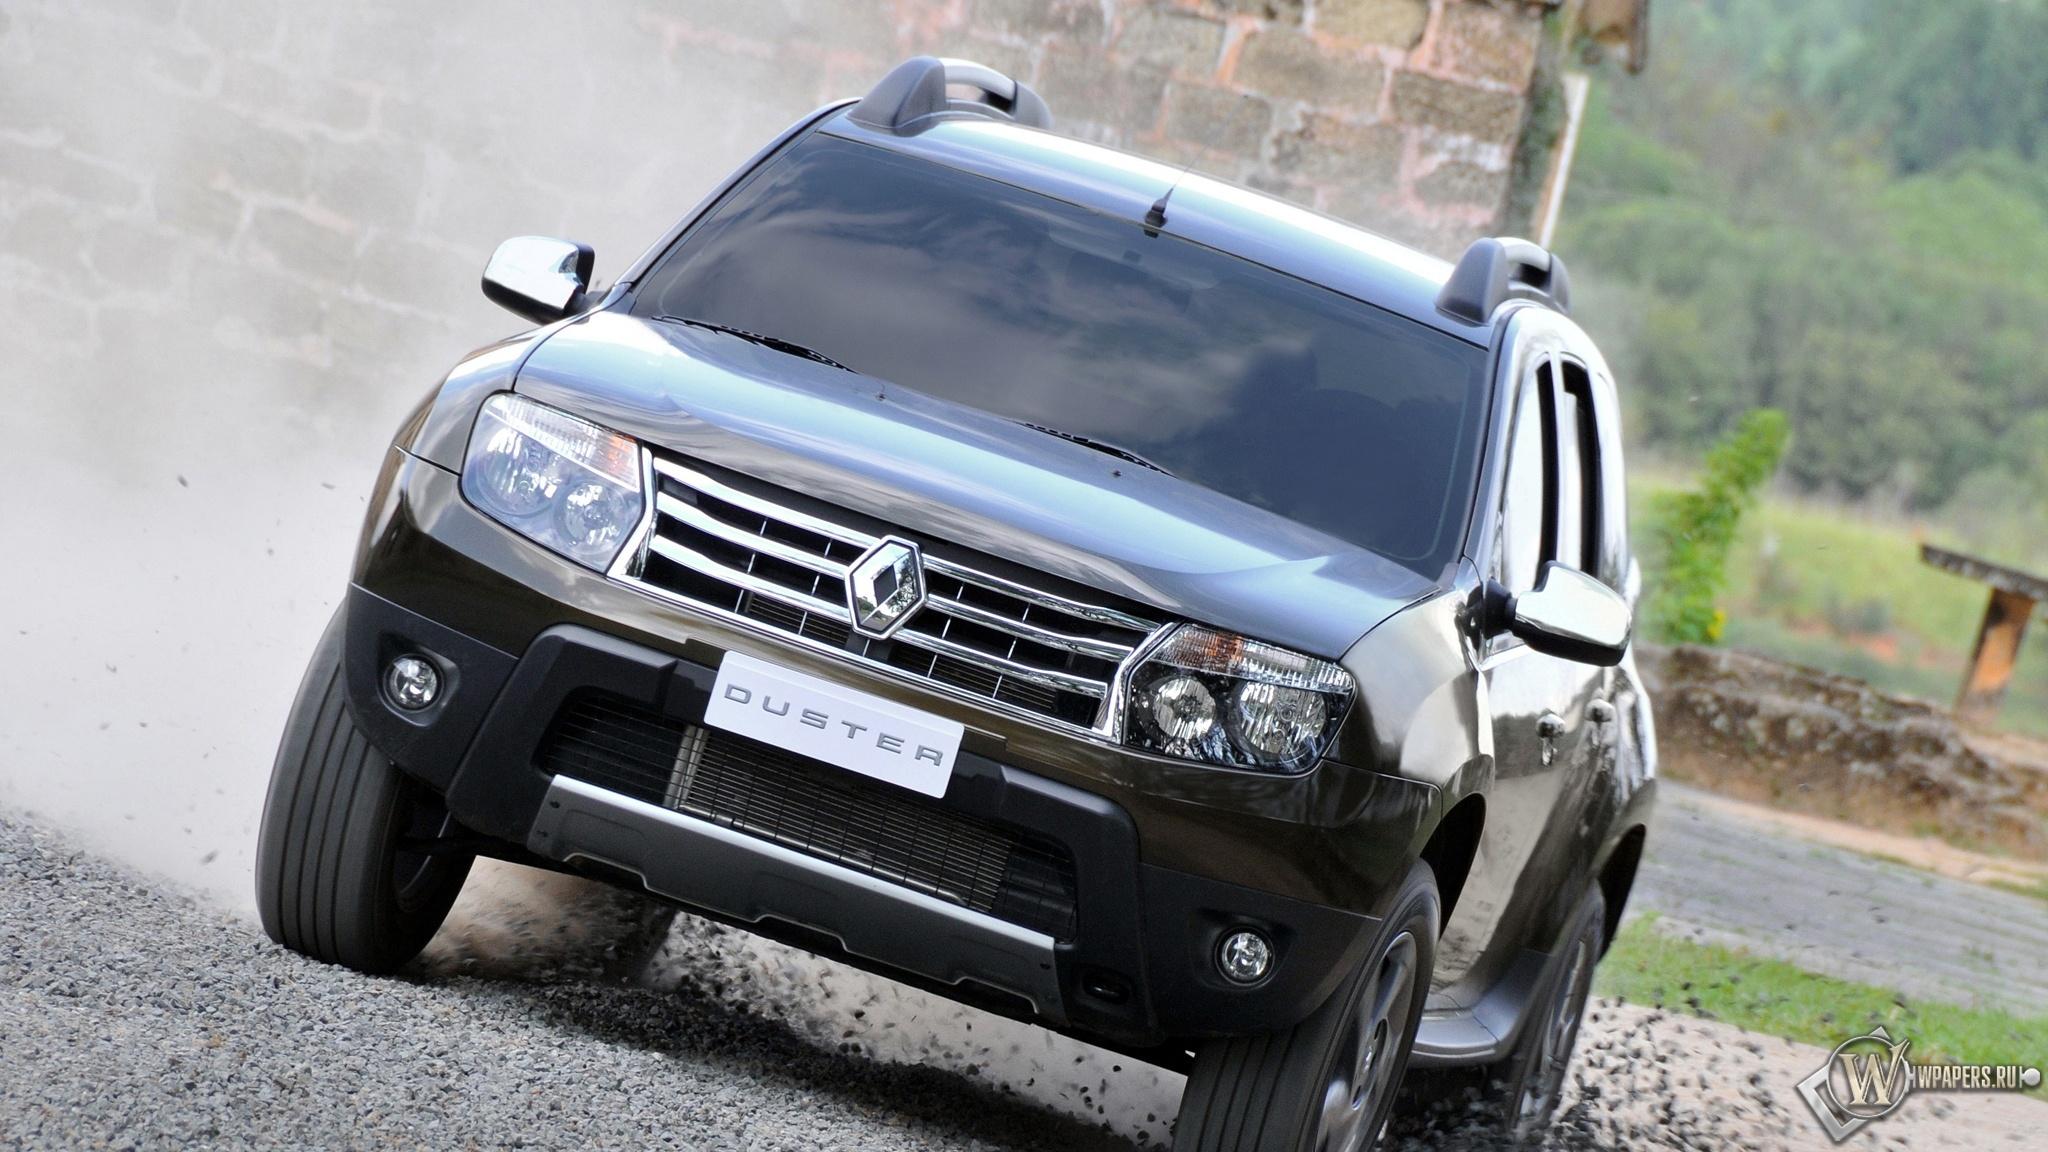 http://wpapers.ru/wallpapers/avto/Renault/10887/2048x1152_Renault-Duster.jpg